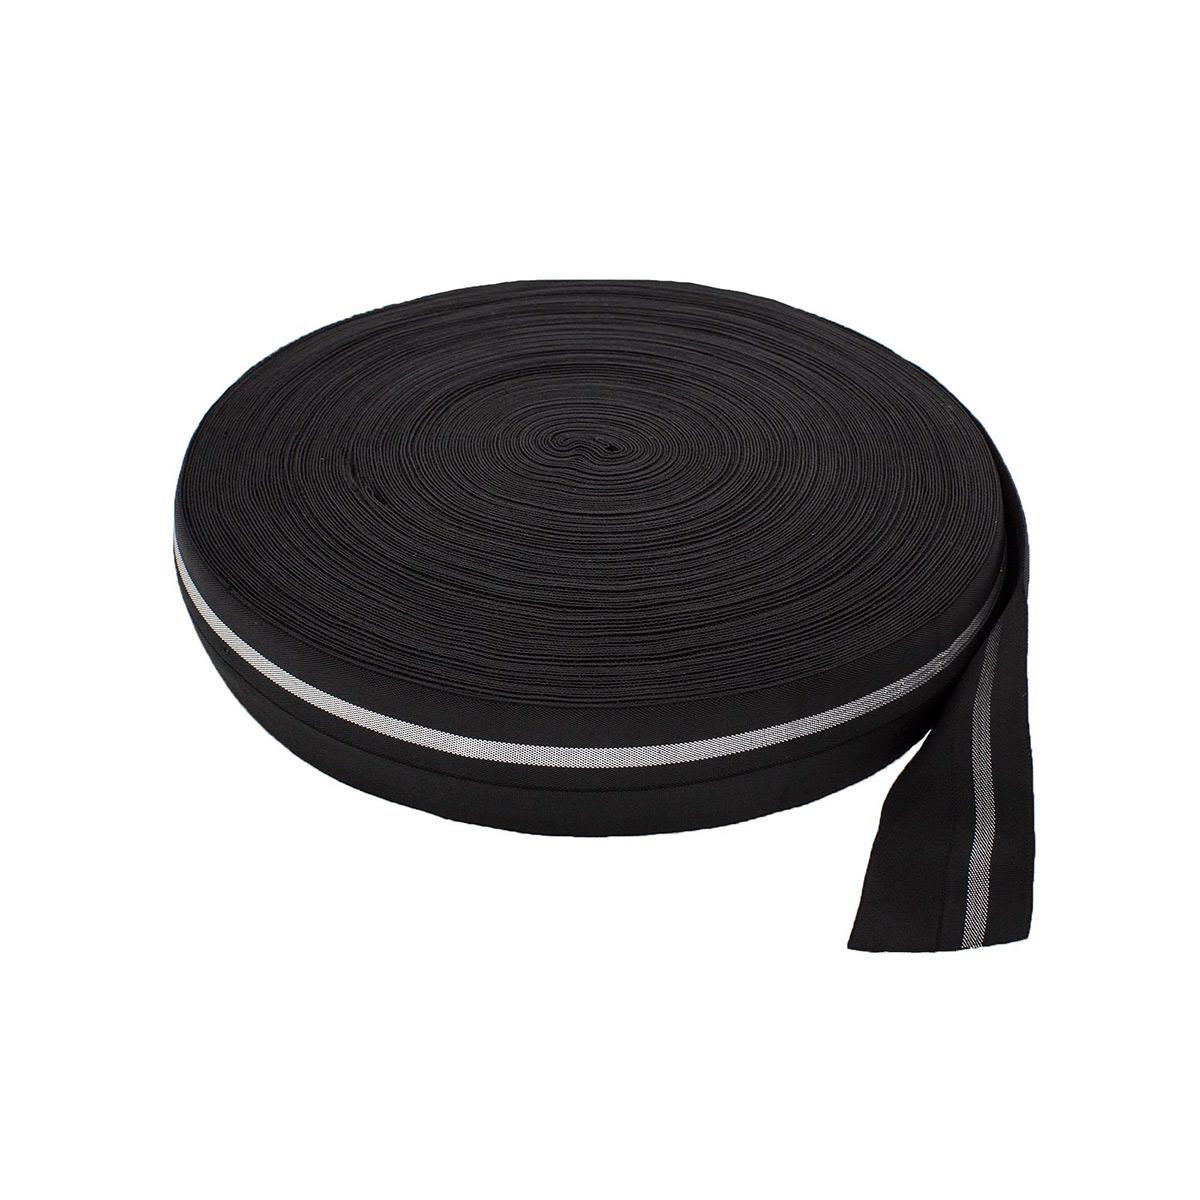 3AR901 Резинка мягкая широкая с перегибом 4см*45,72м